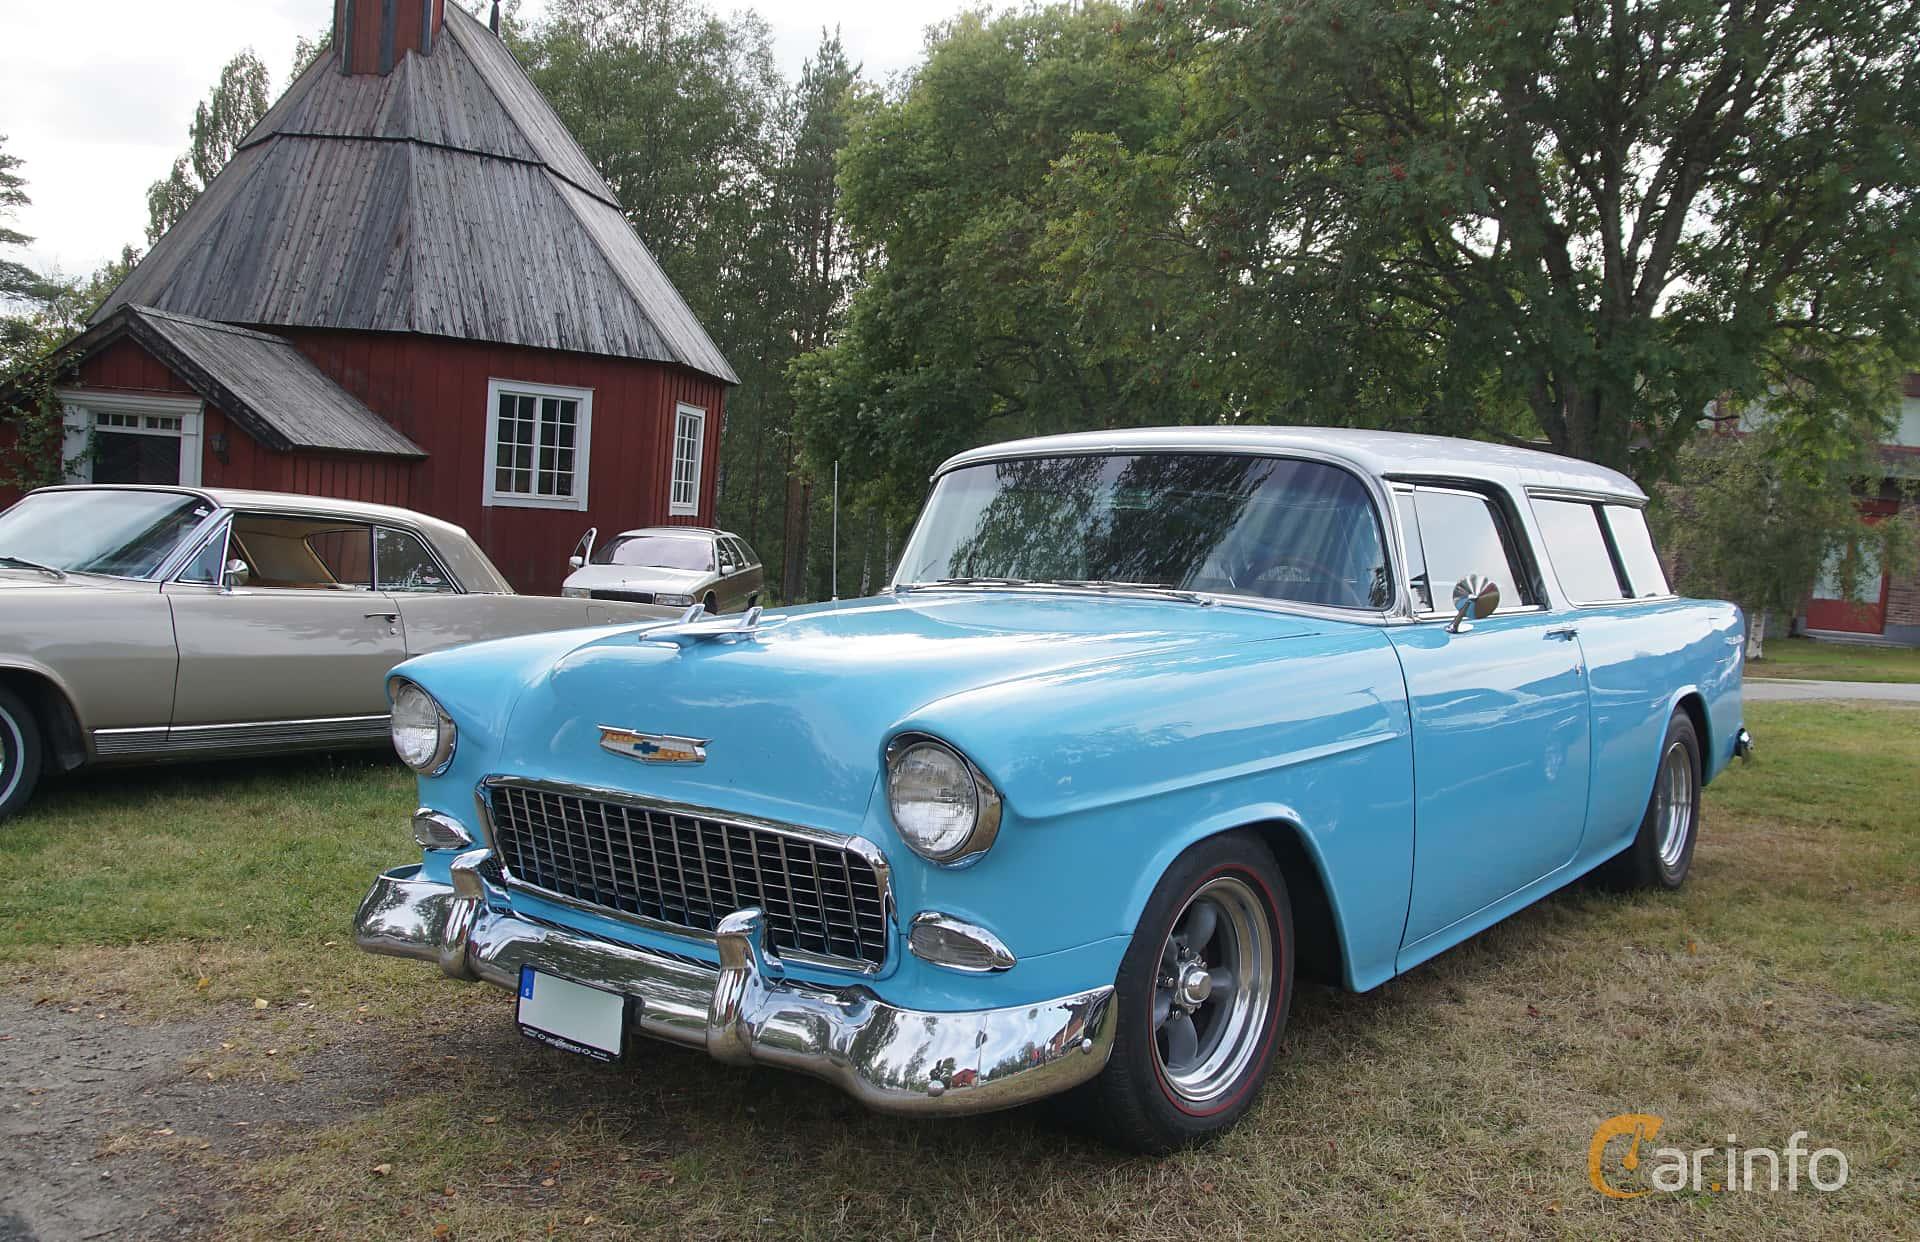 Front/Side  of Chevrolet Bel Air Nomad 4.3 V8 Powerglide, 165ps, 1955 at Onsdagsträffar på Gammlia Umeå 2019 vecka 32